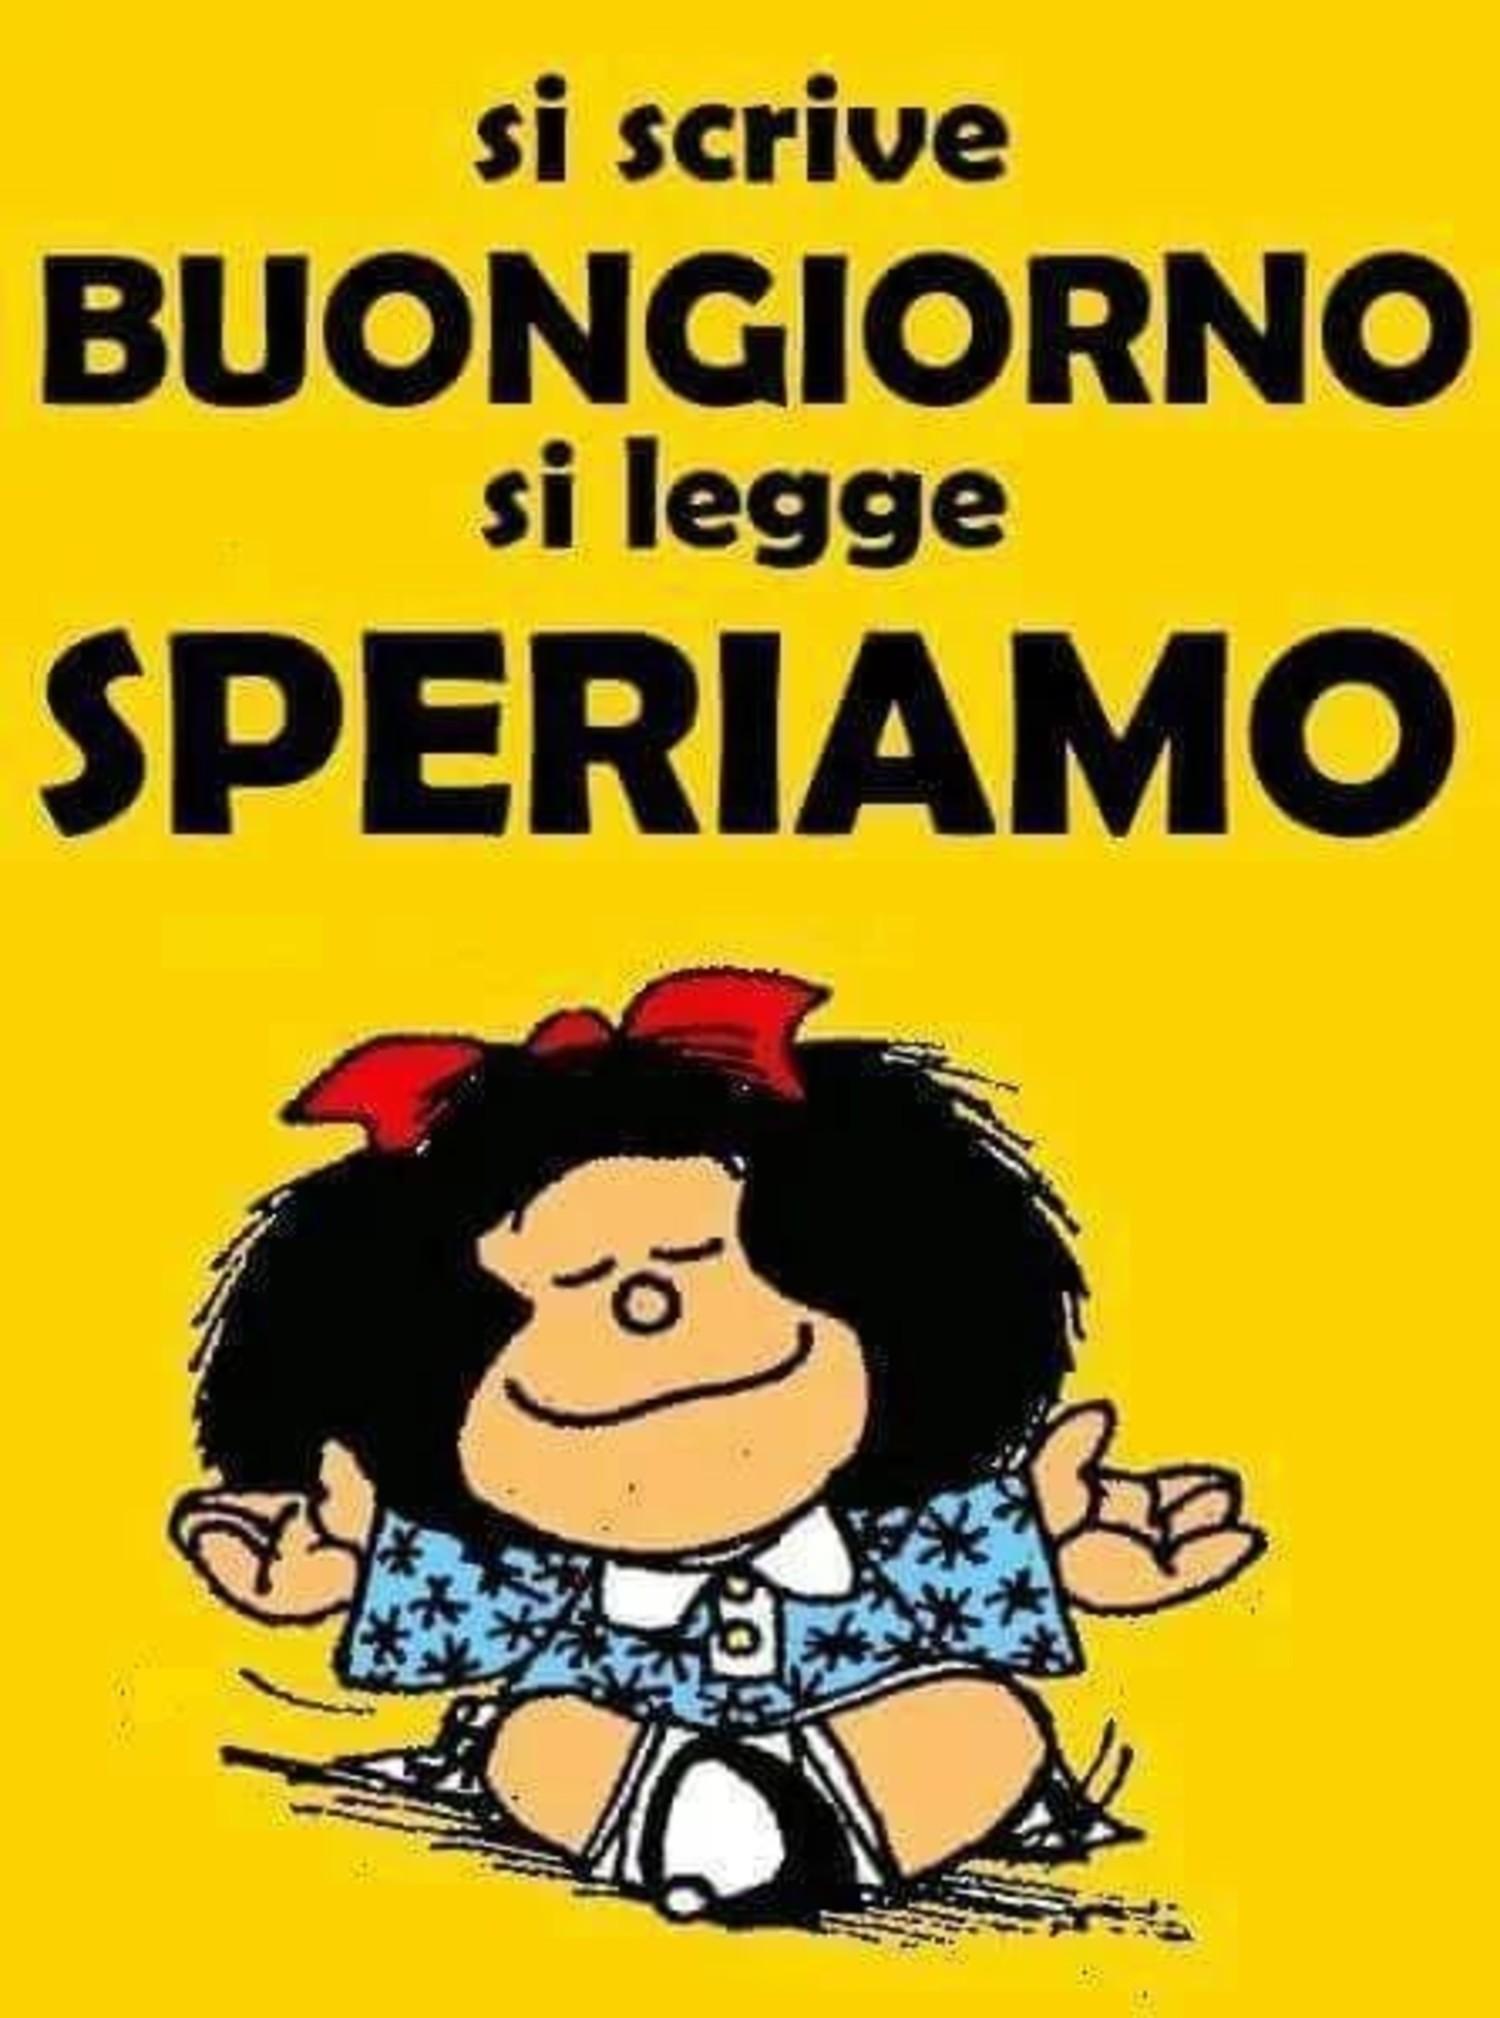 Buongiorno Con Mafalda Archives Pagina 2 Di 3 Buongiorno